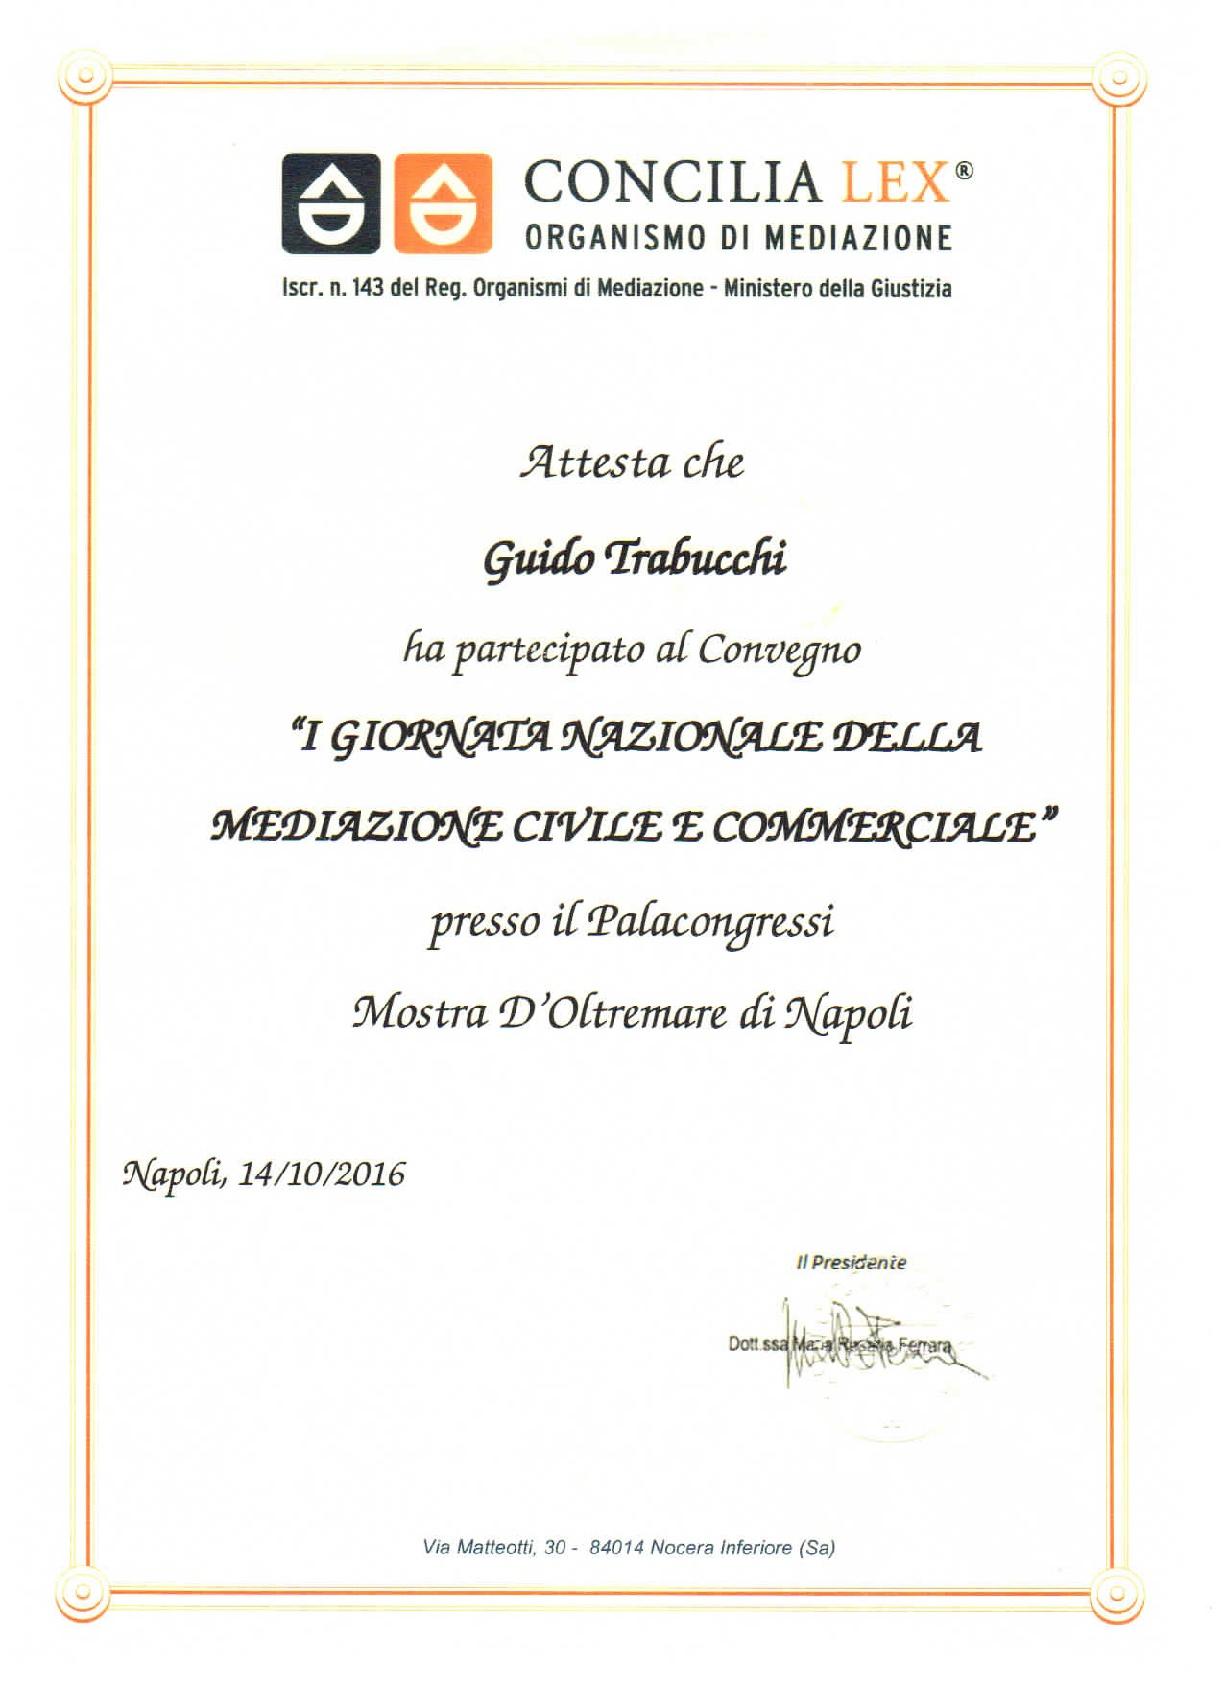 Invito ad evento sulla Mediazione civile